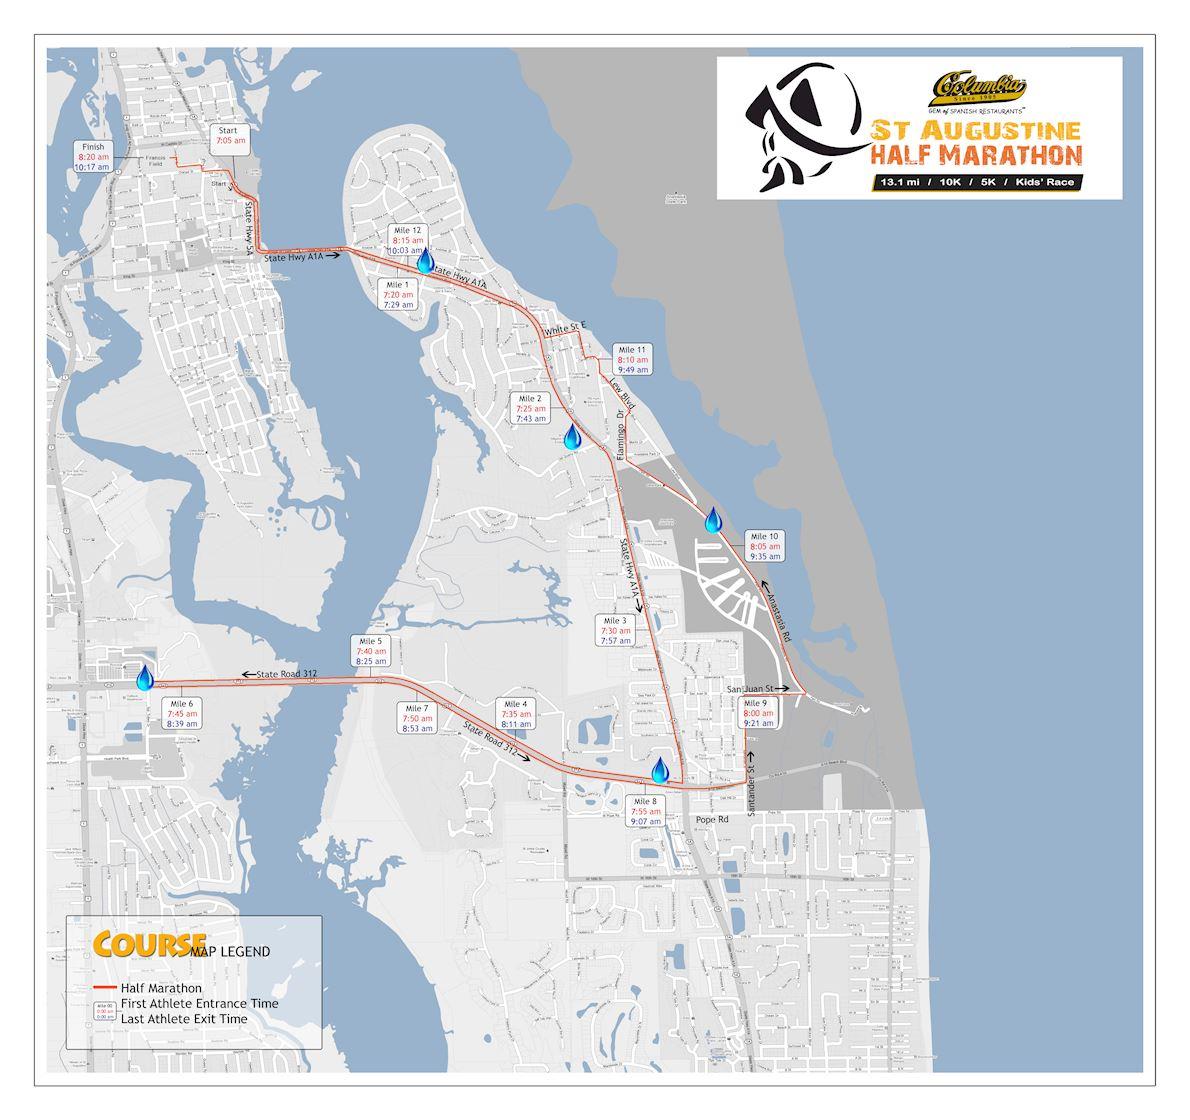 St. Augustine Half Marathon Route Map